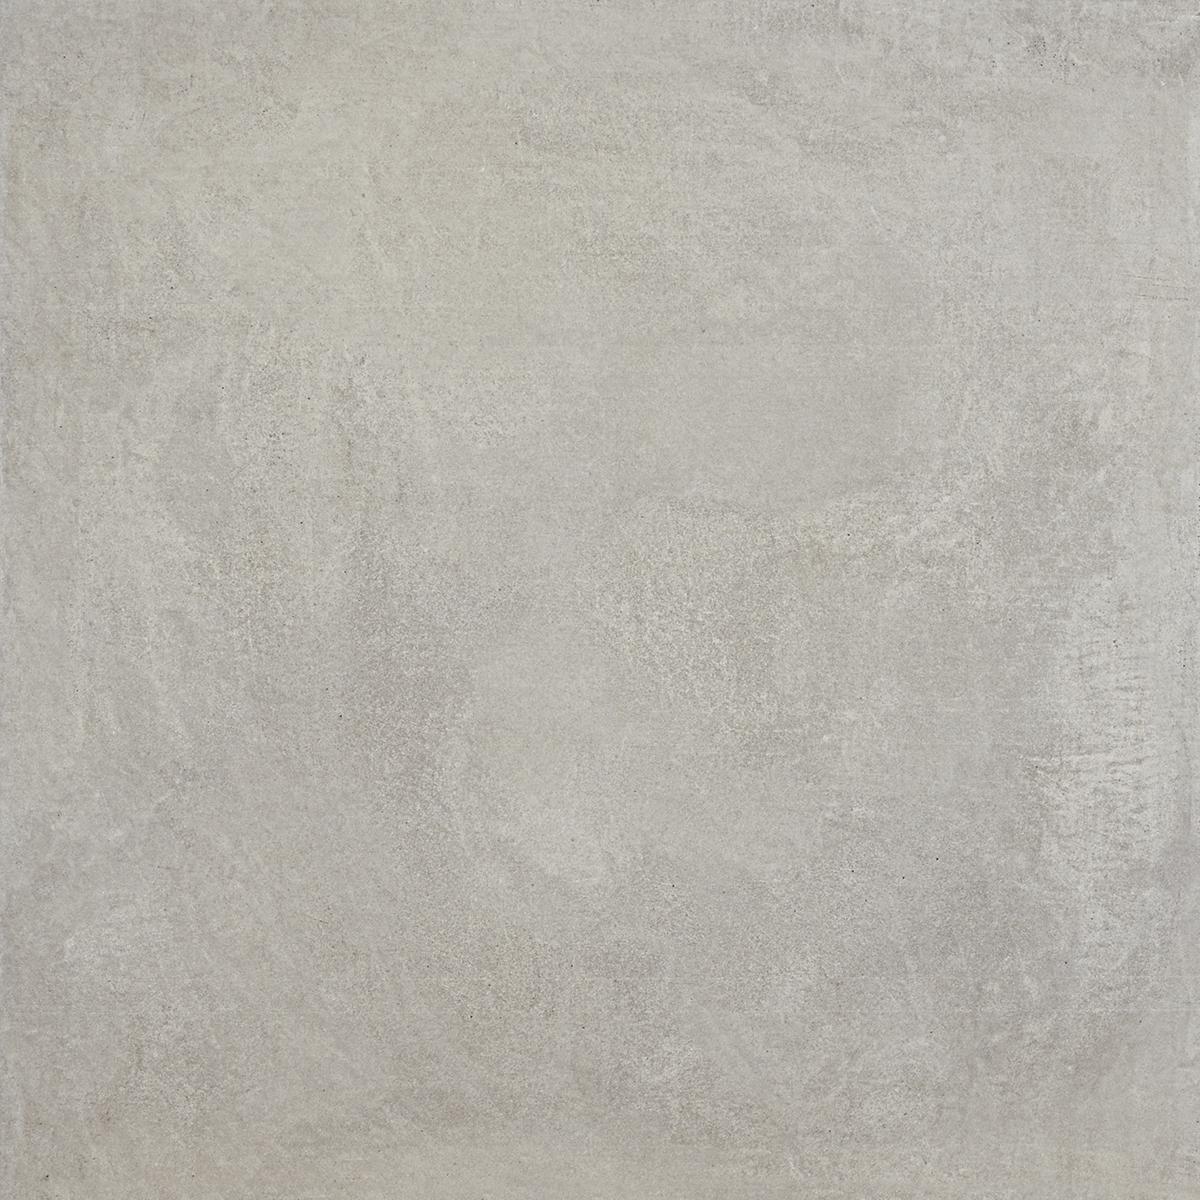 Carrelage Rennes gris 60x60cm